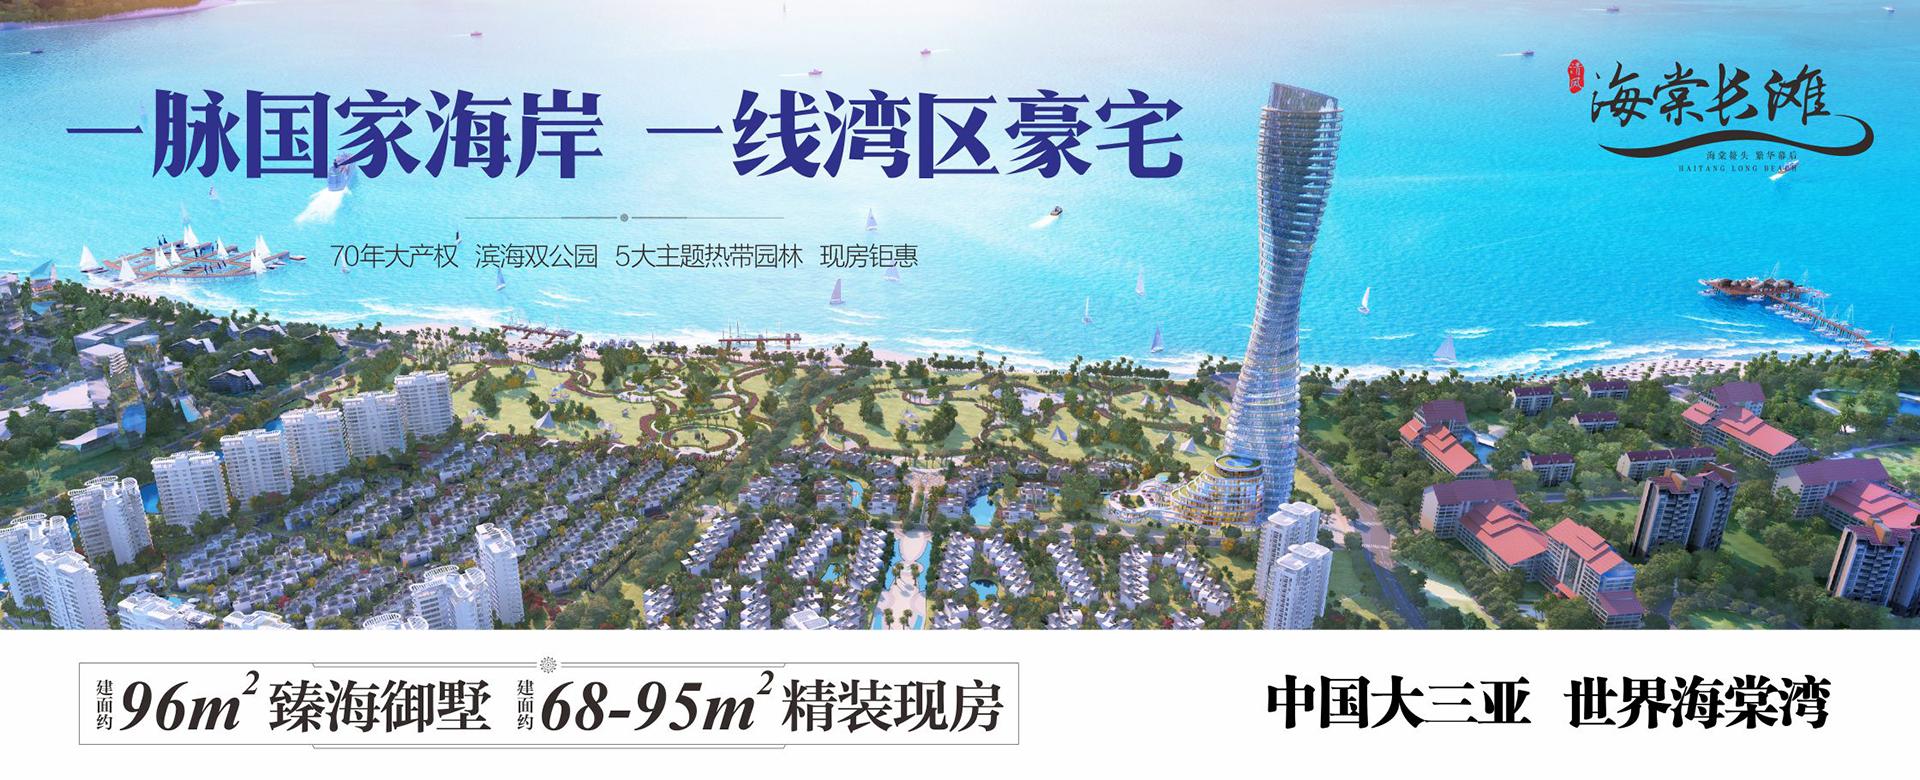 海南房产网海棠长滩宣传图